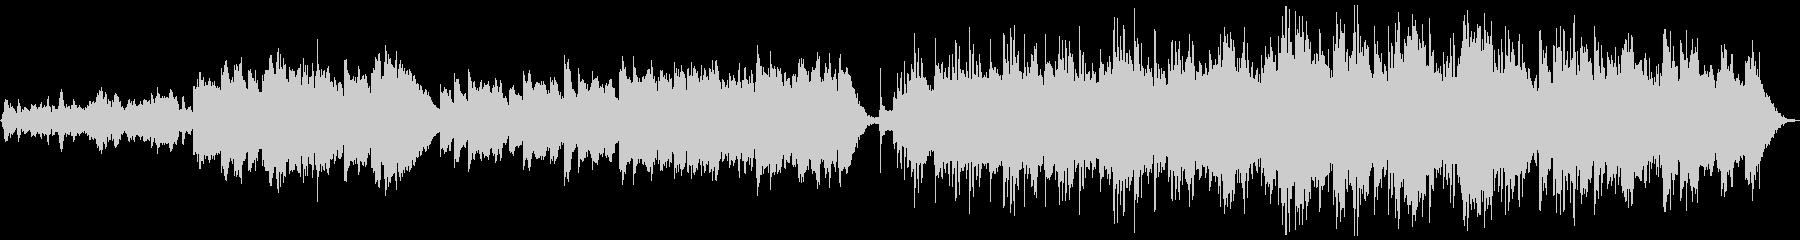 エレクトロニック 説明的 静か バ...の未再生の波形